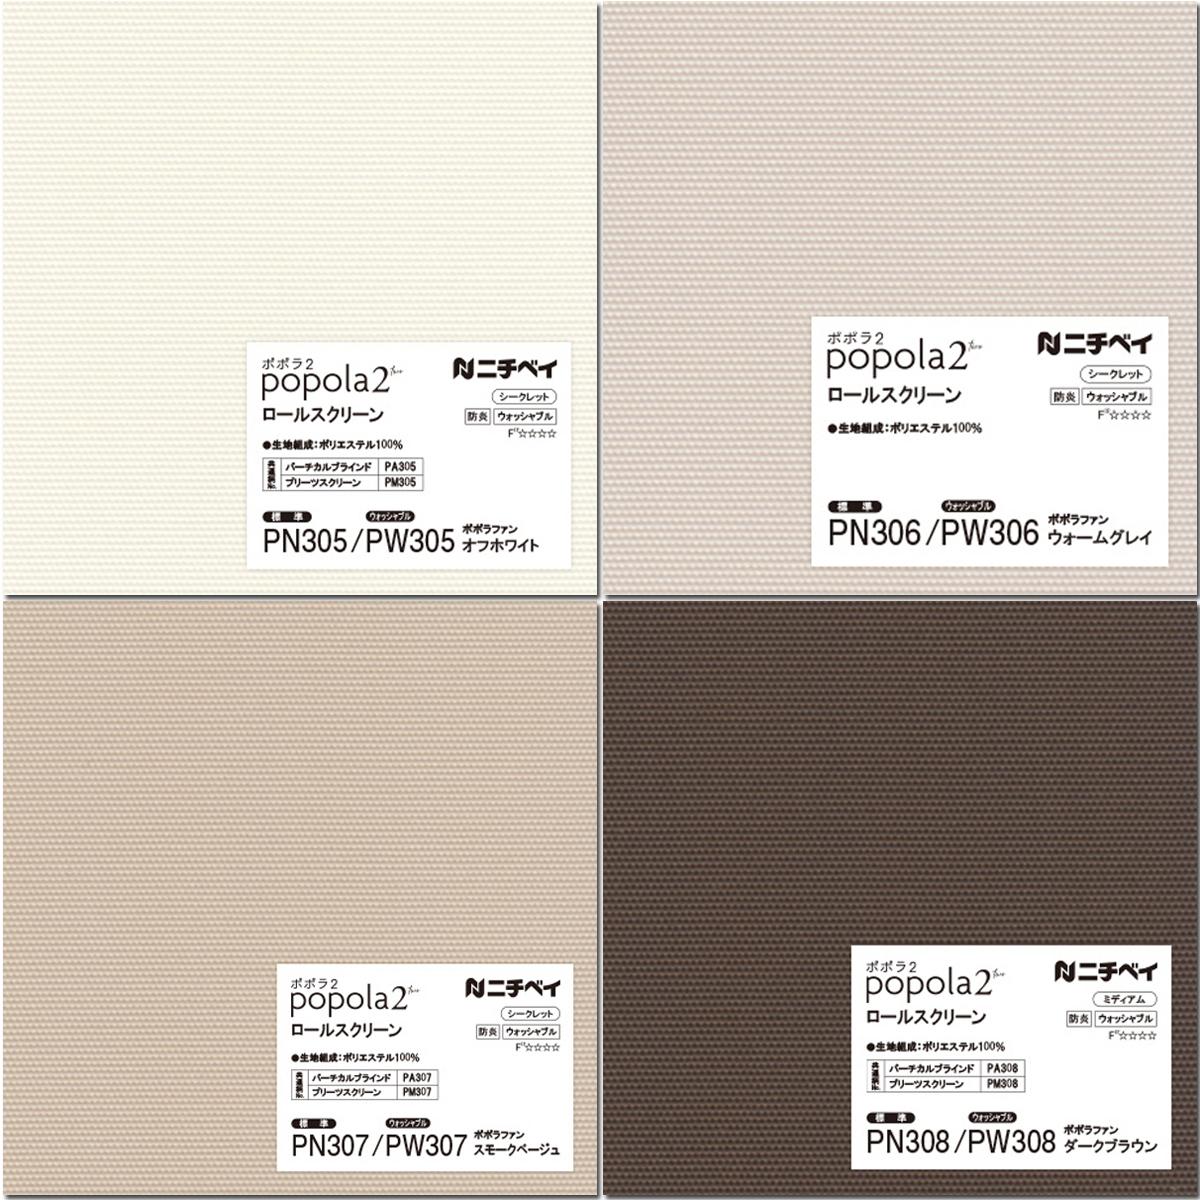 【ニチベイ】ロールスクリーン ポポラ2 ポポラファン 30色 ダブルタイプもあり ロールカーテン オーダーサイズ_画像4